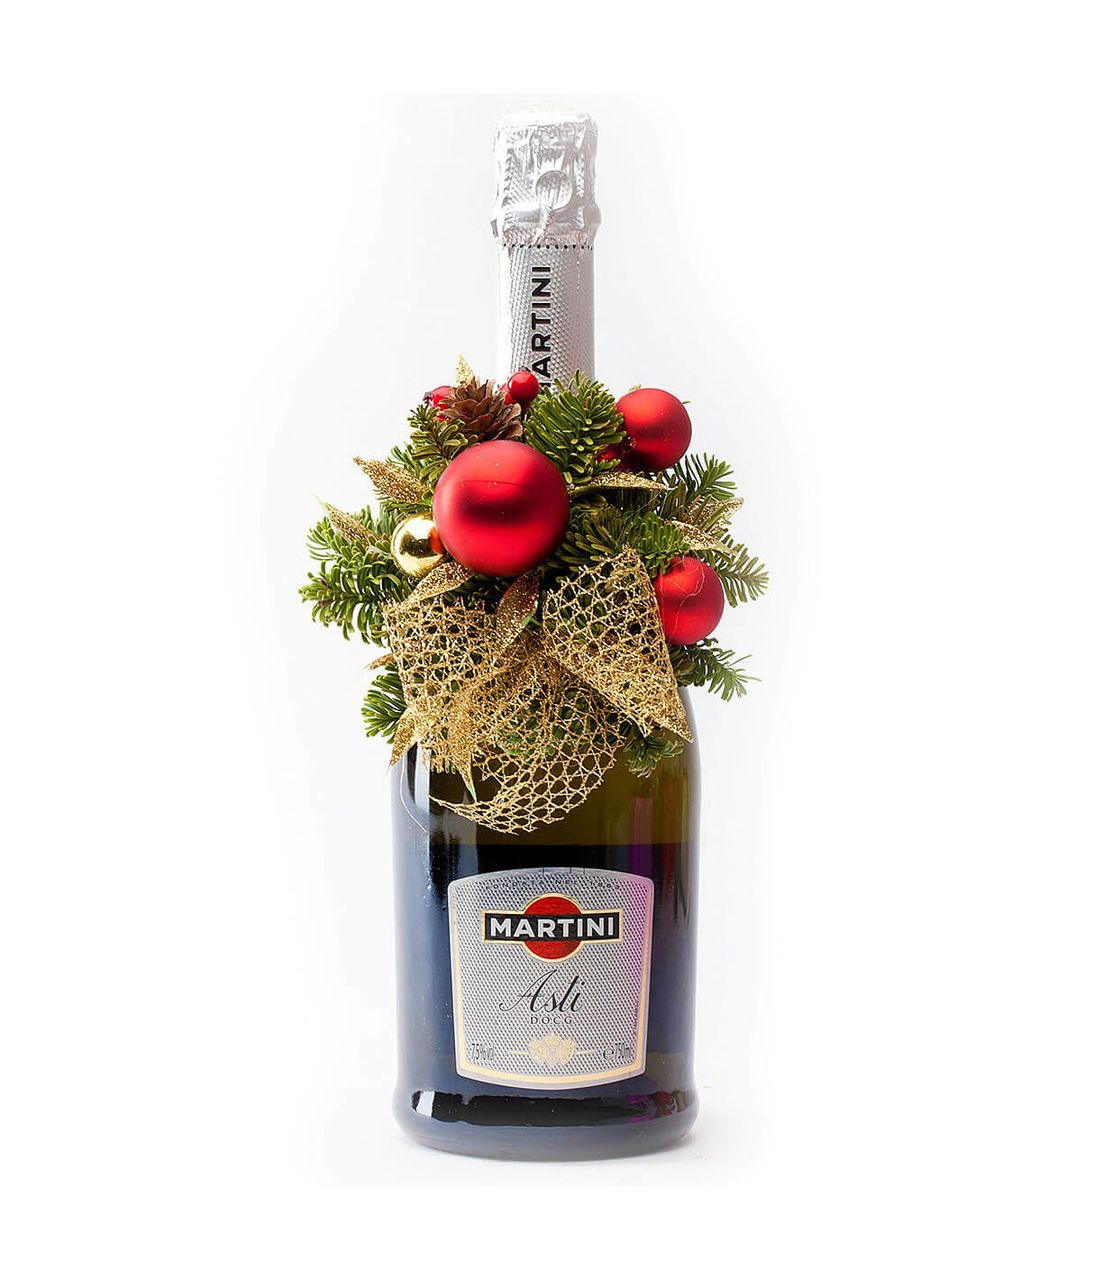 Новогоднее оформление №1. Superflowers.com.ua